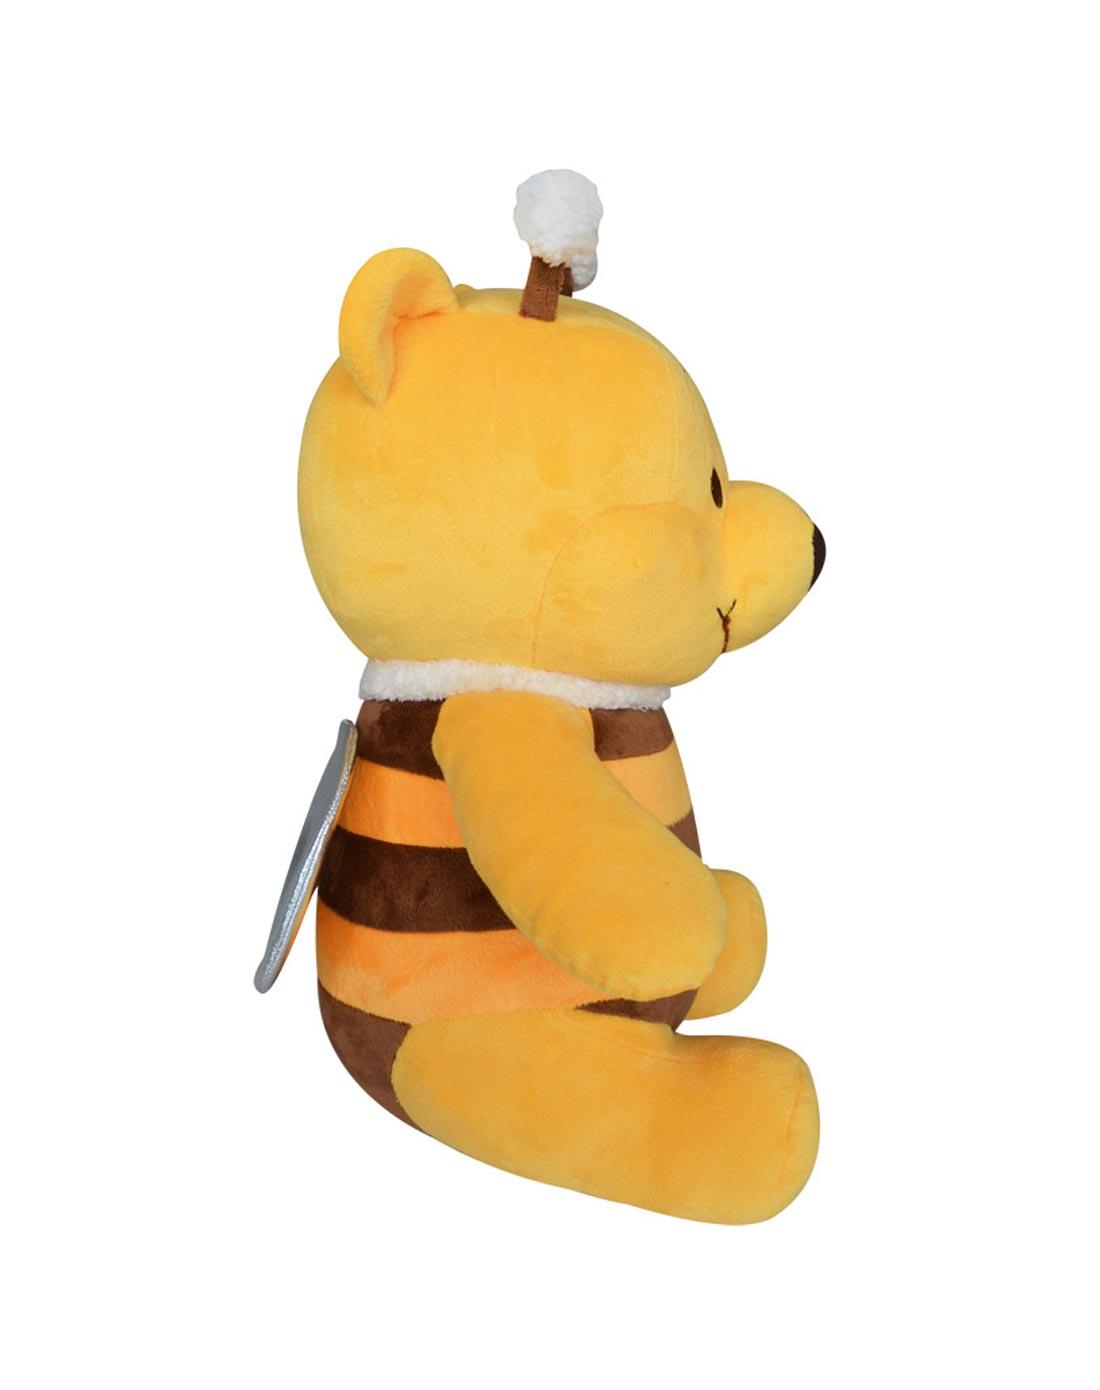 迪士尼disney 维尼熊超可爱昆虫装2#34cm